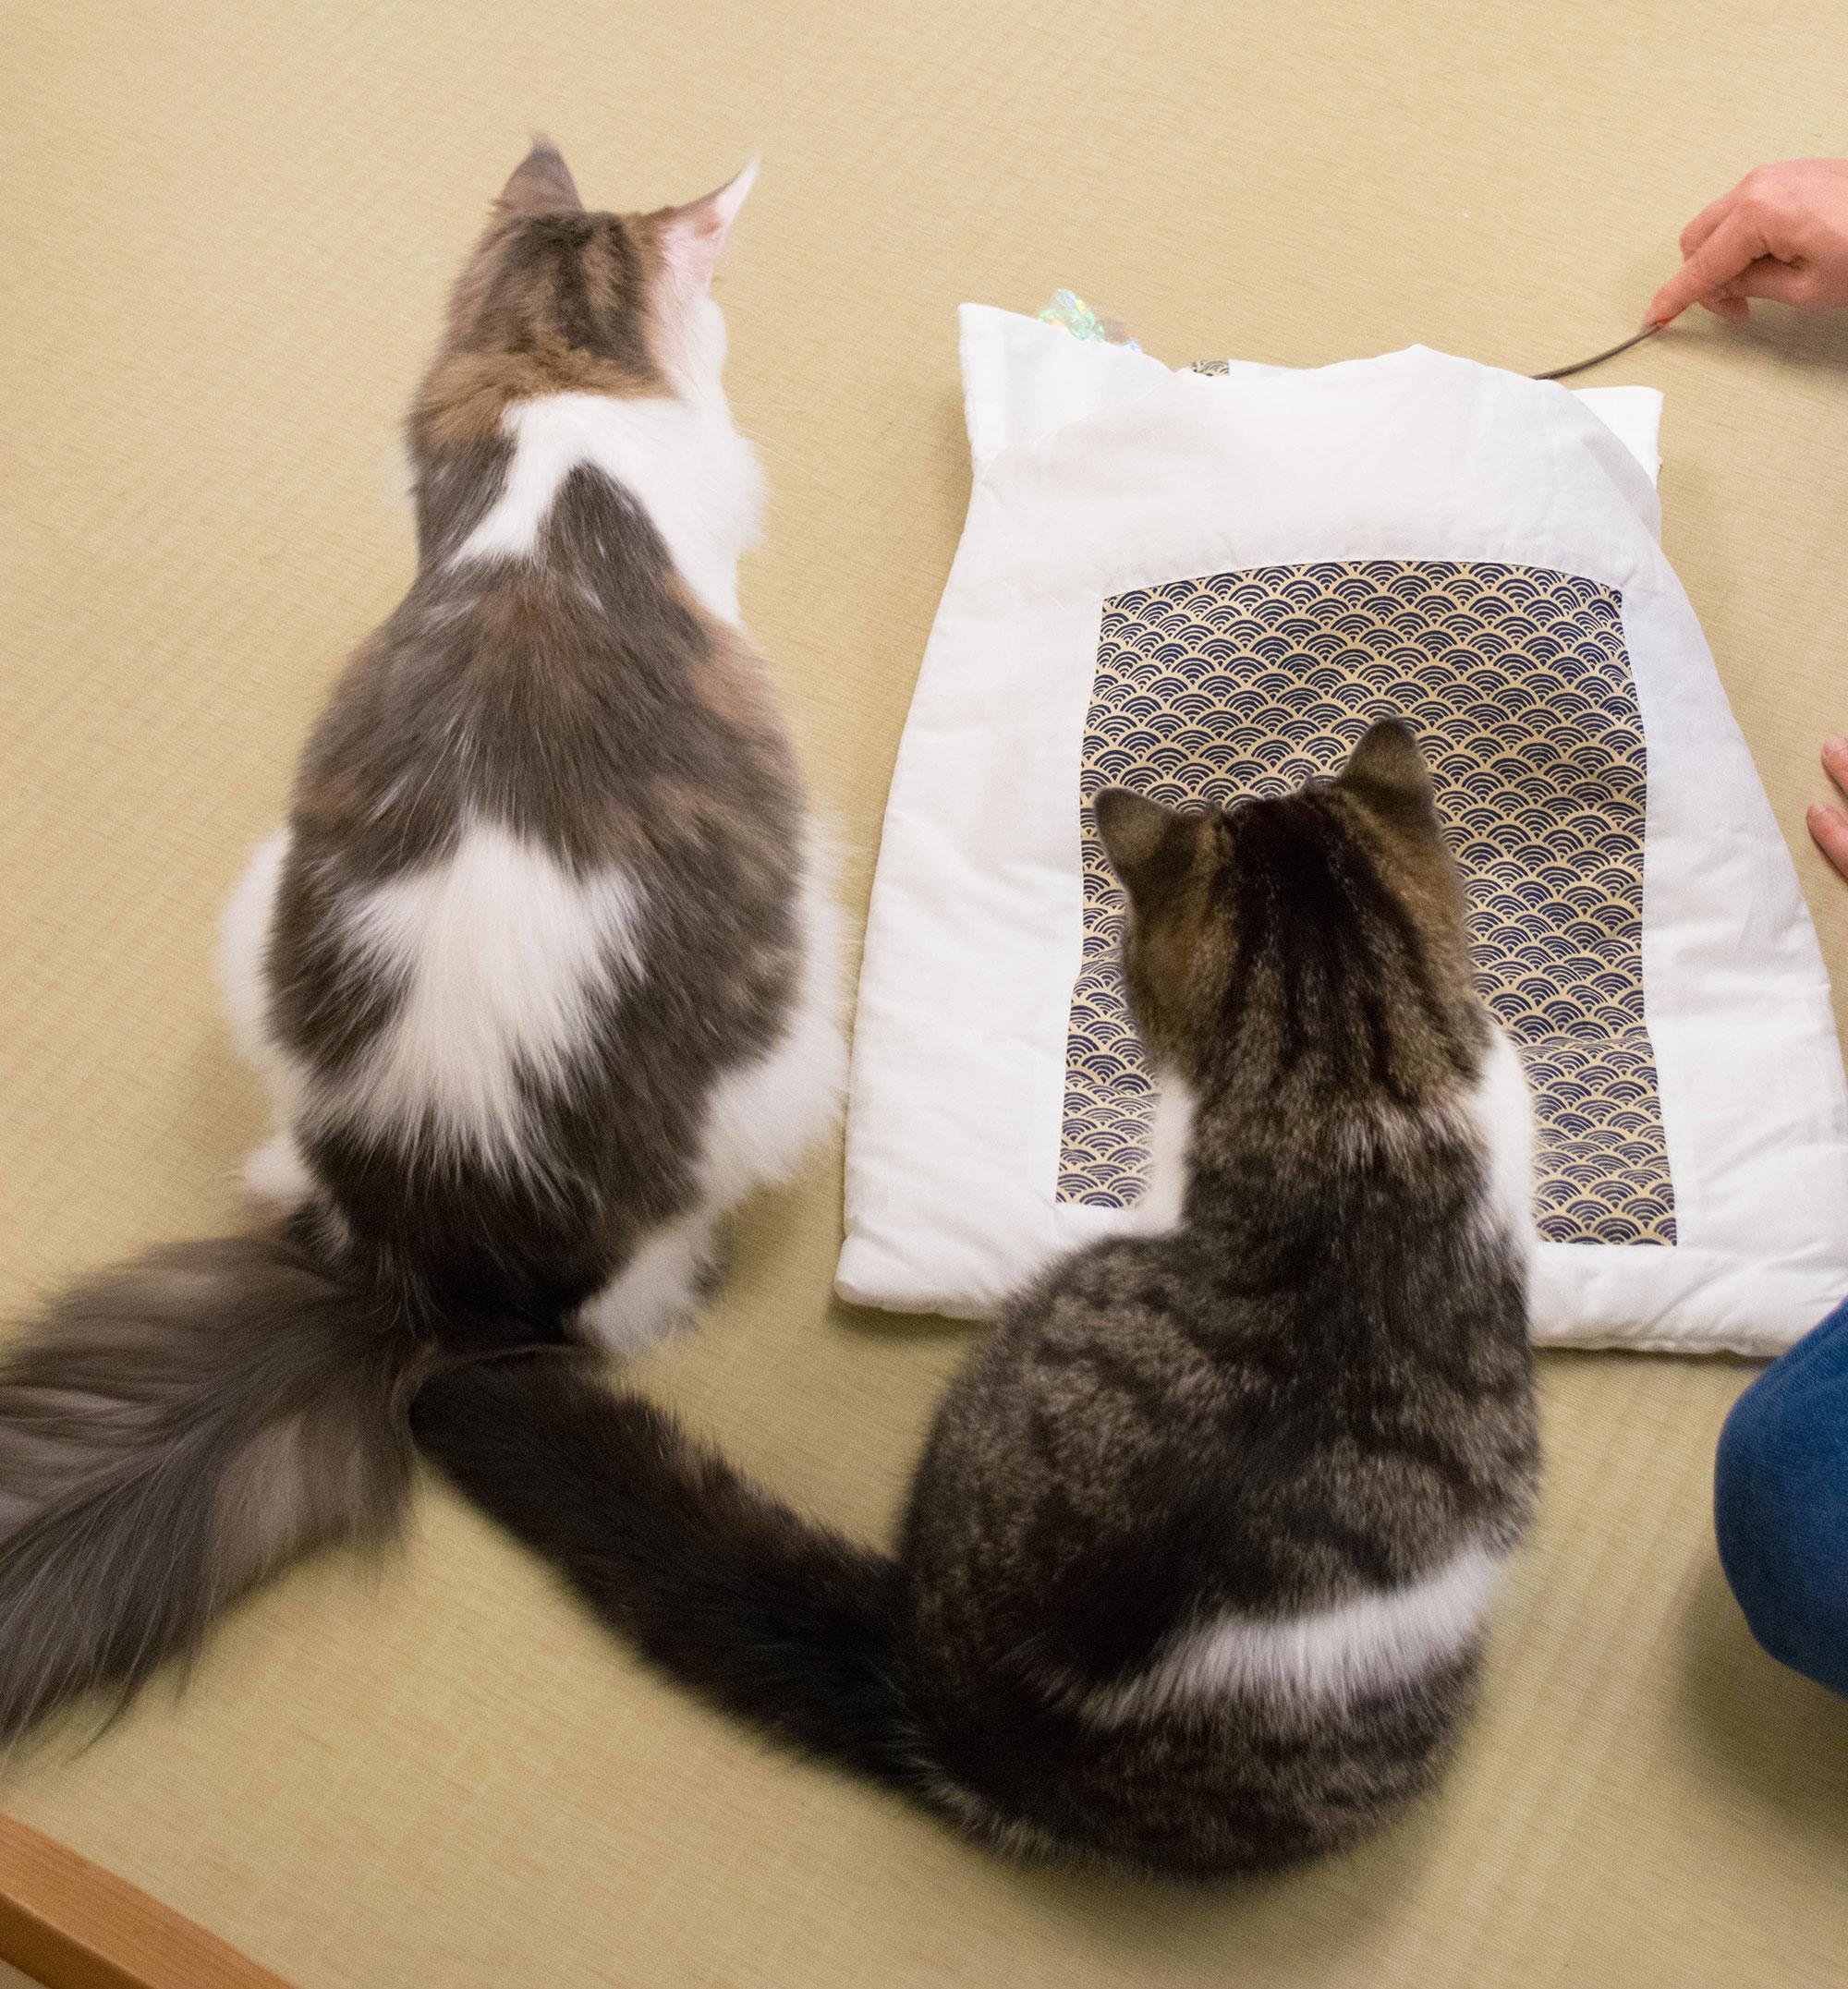 大阪梅田の猫カフェにあにゃあお布団